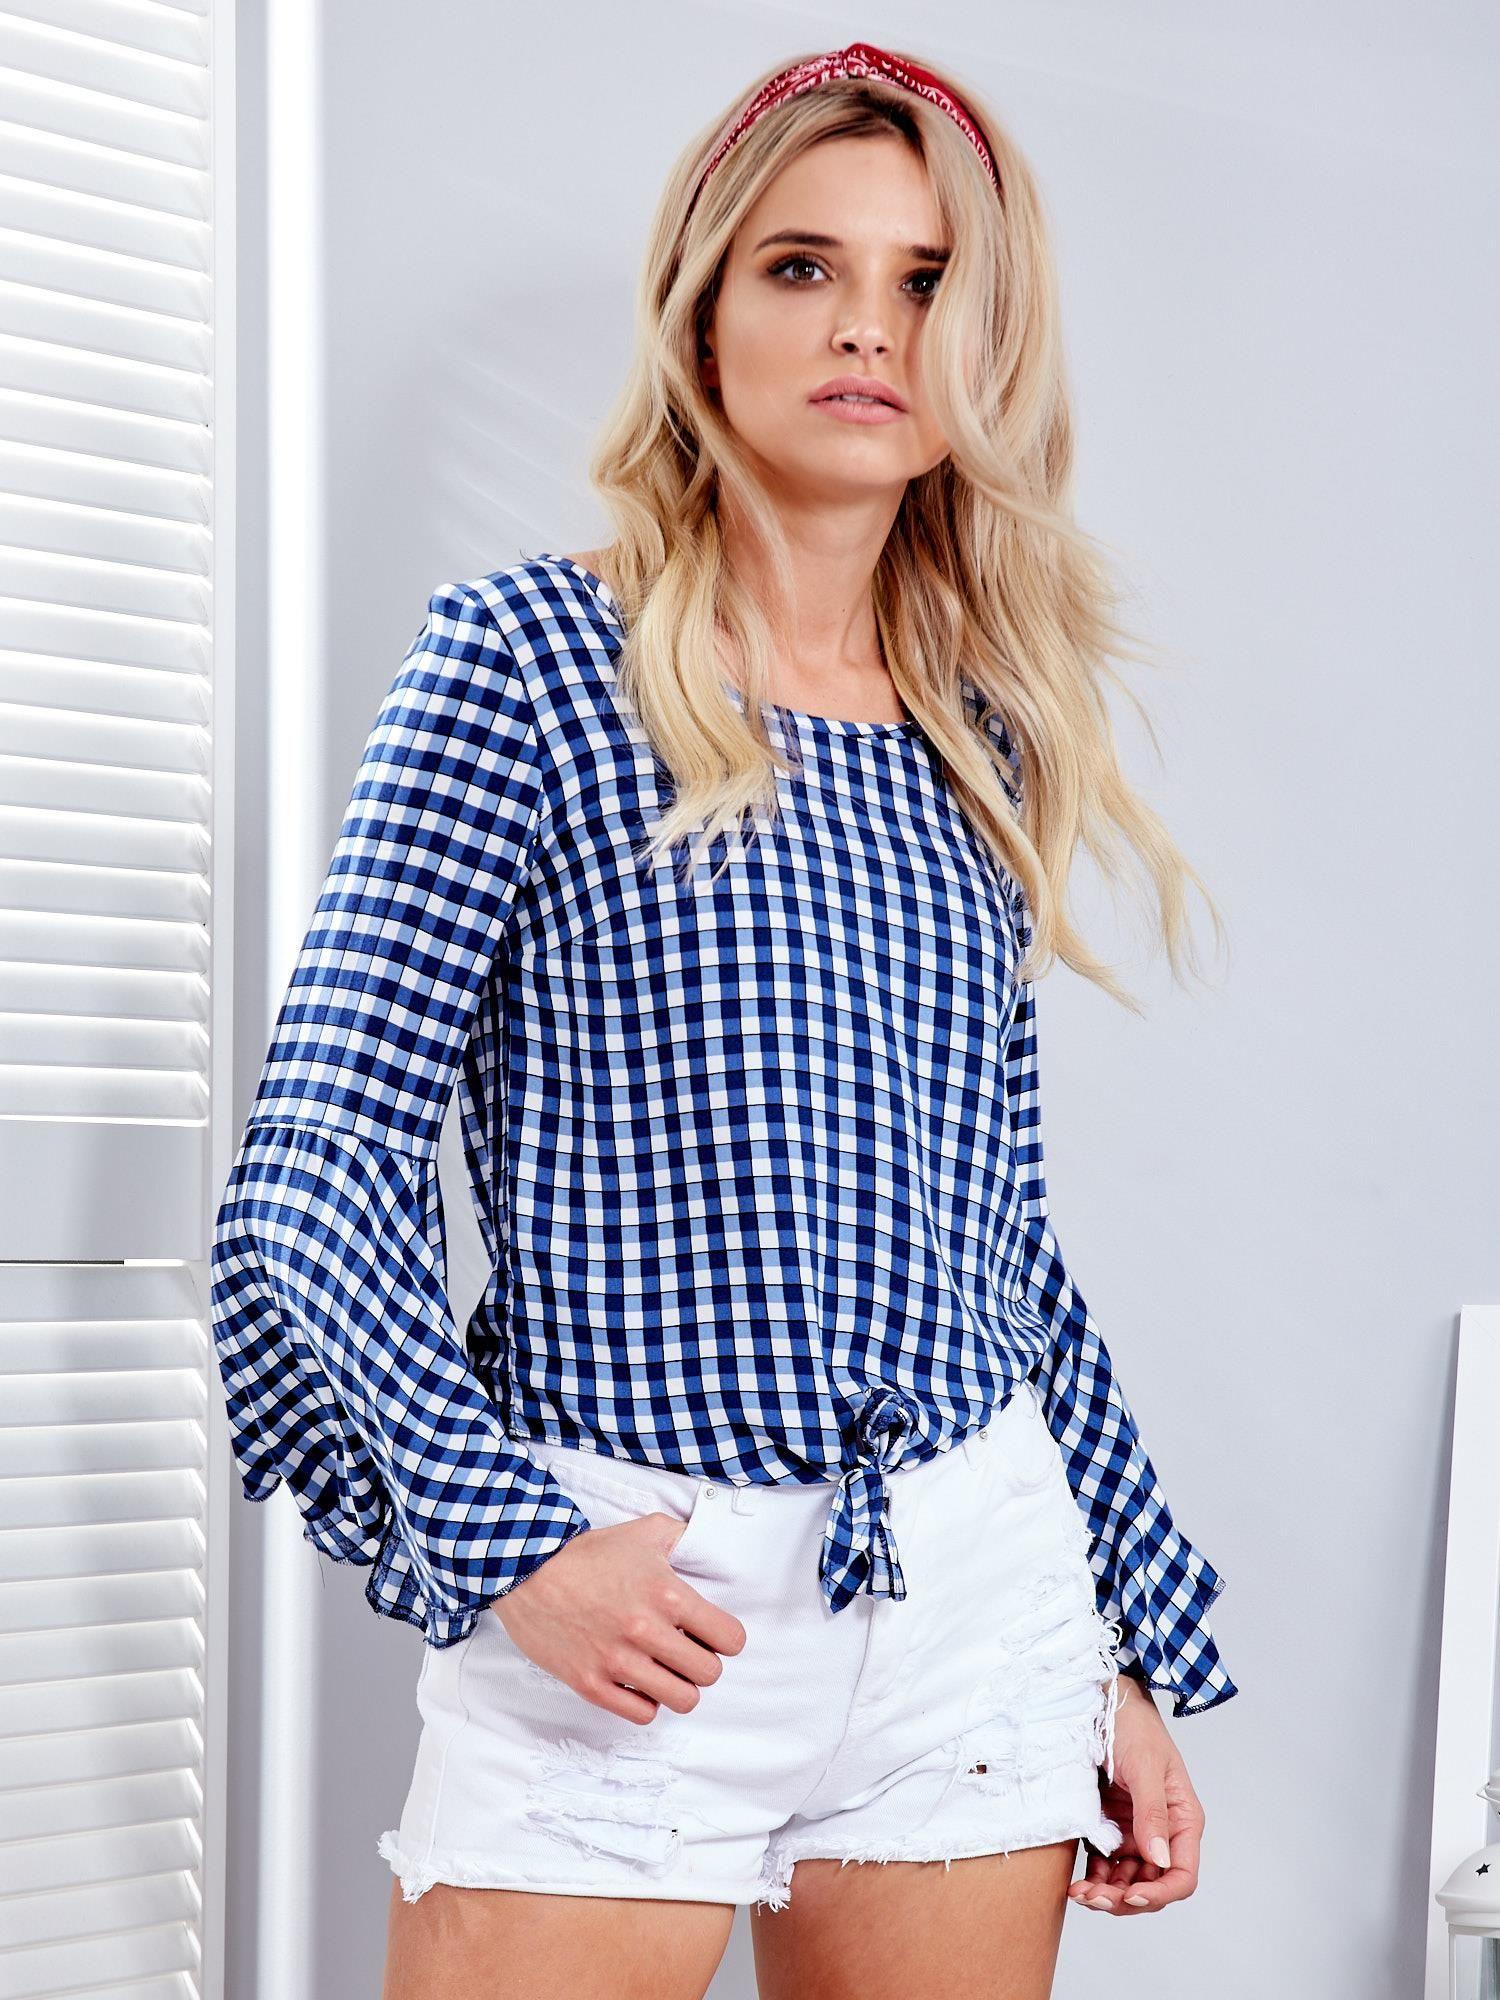 Groovy Niebieska bluzka w kratkę z wiązaniem na dole - Bluzka na co dzień UO19